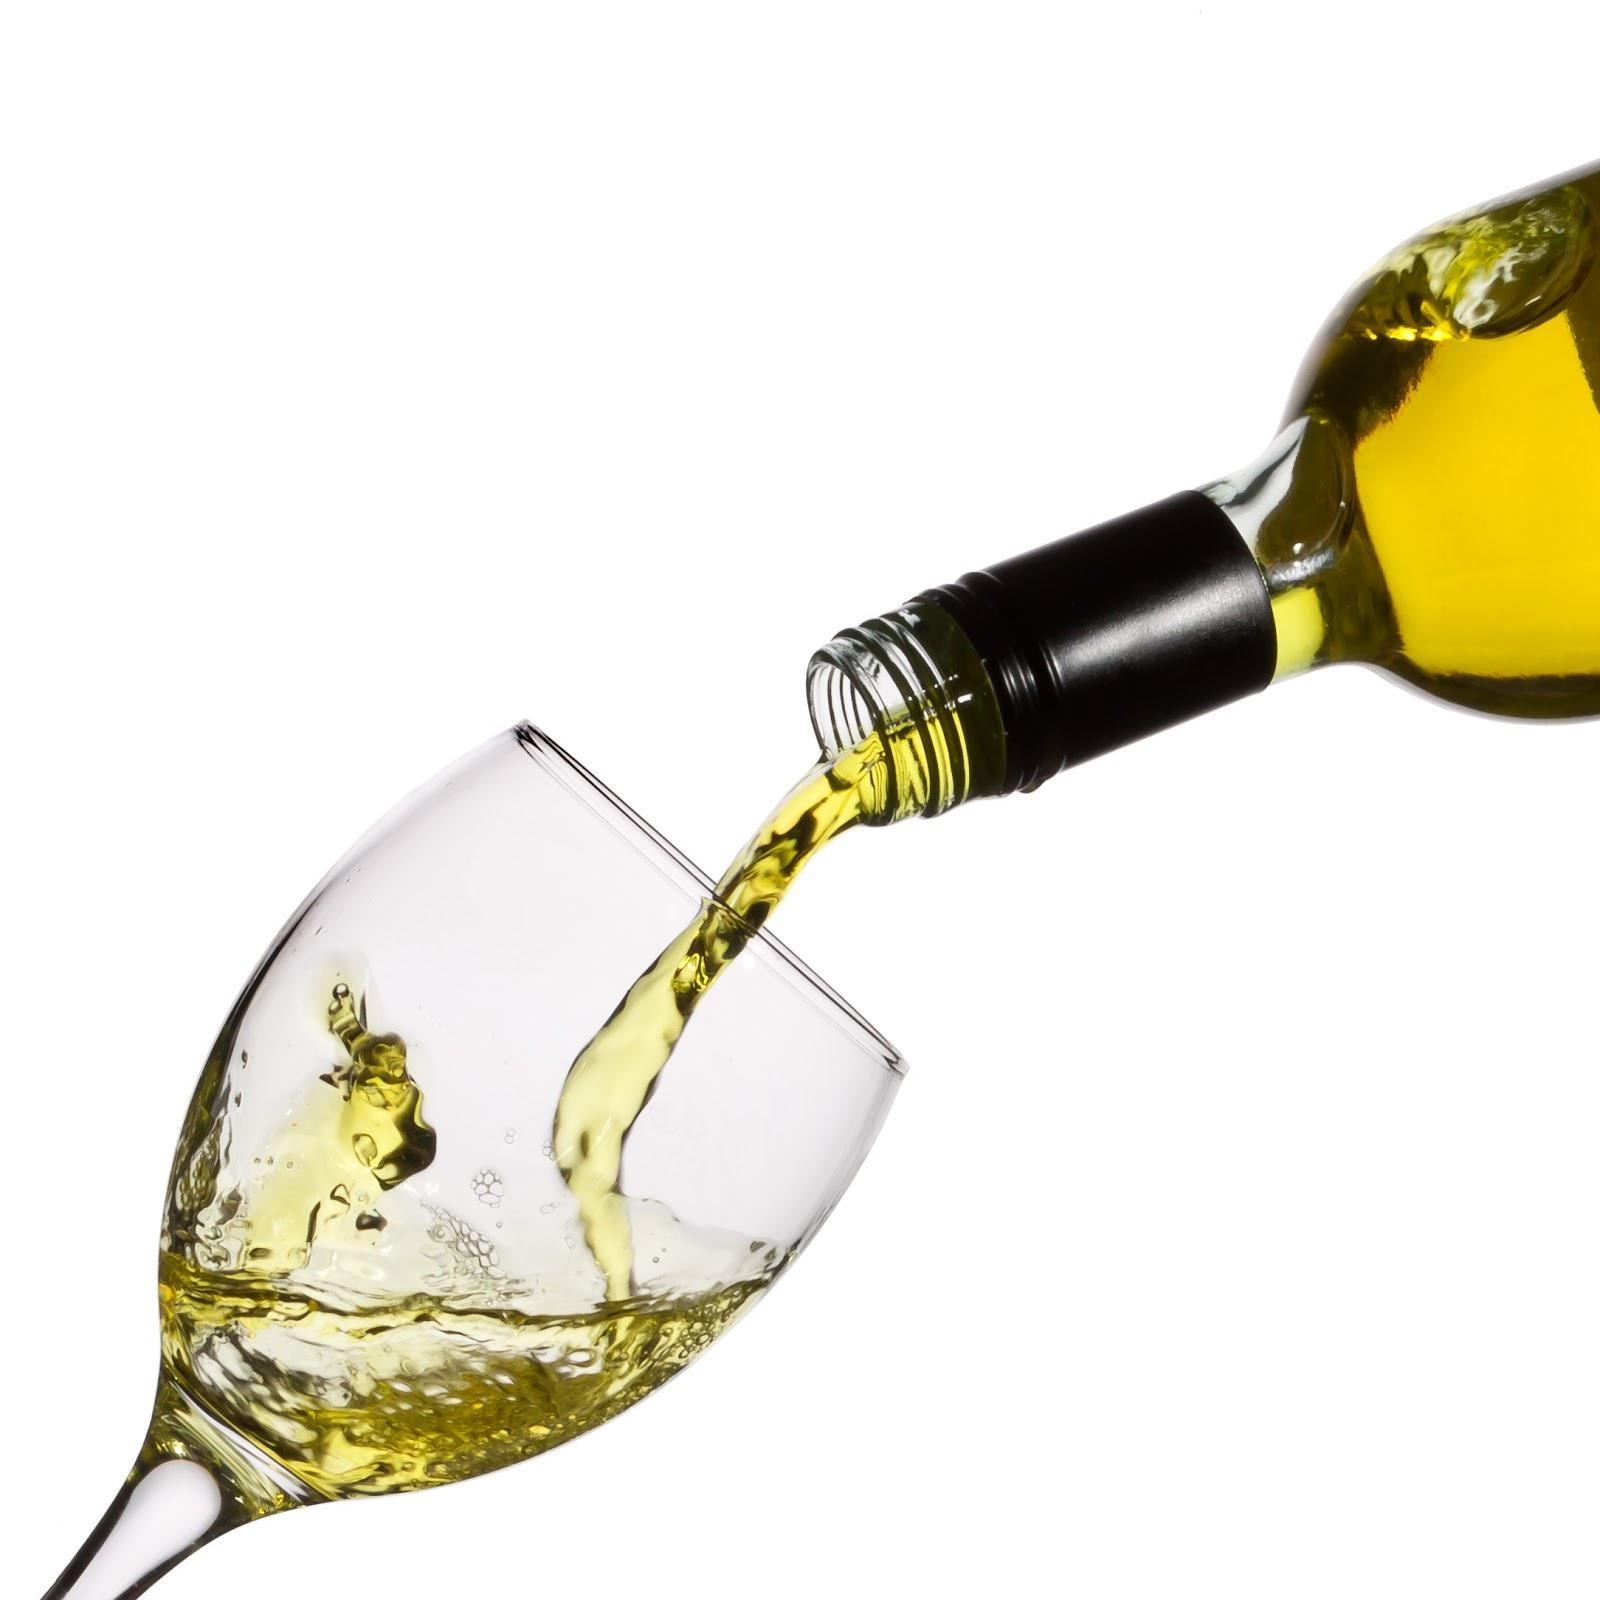 il post del cibo...cosa vi piace e cosa non vi piace in una foto - Pagina 3 Bicchiere_di_vino_bianco